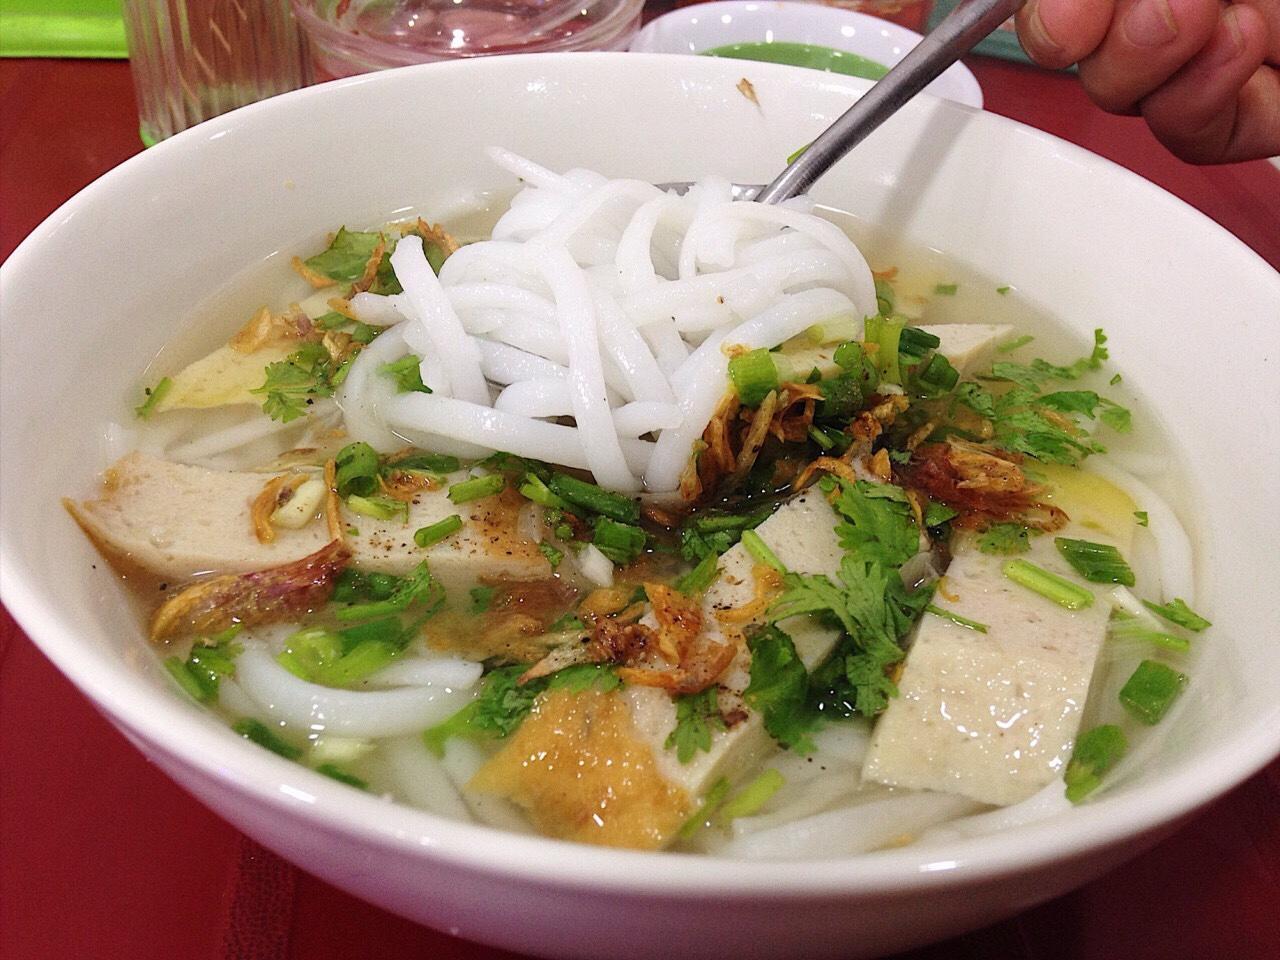 bánh canh chả cả Phan Rang - Ninh Thuận